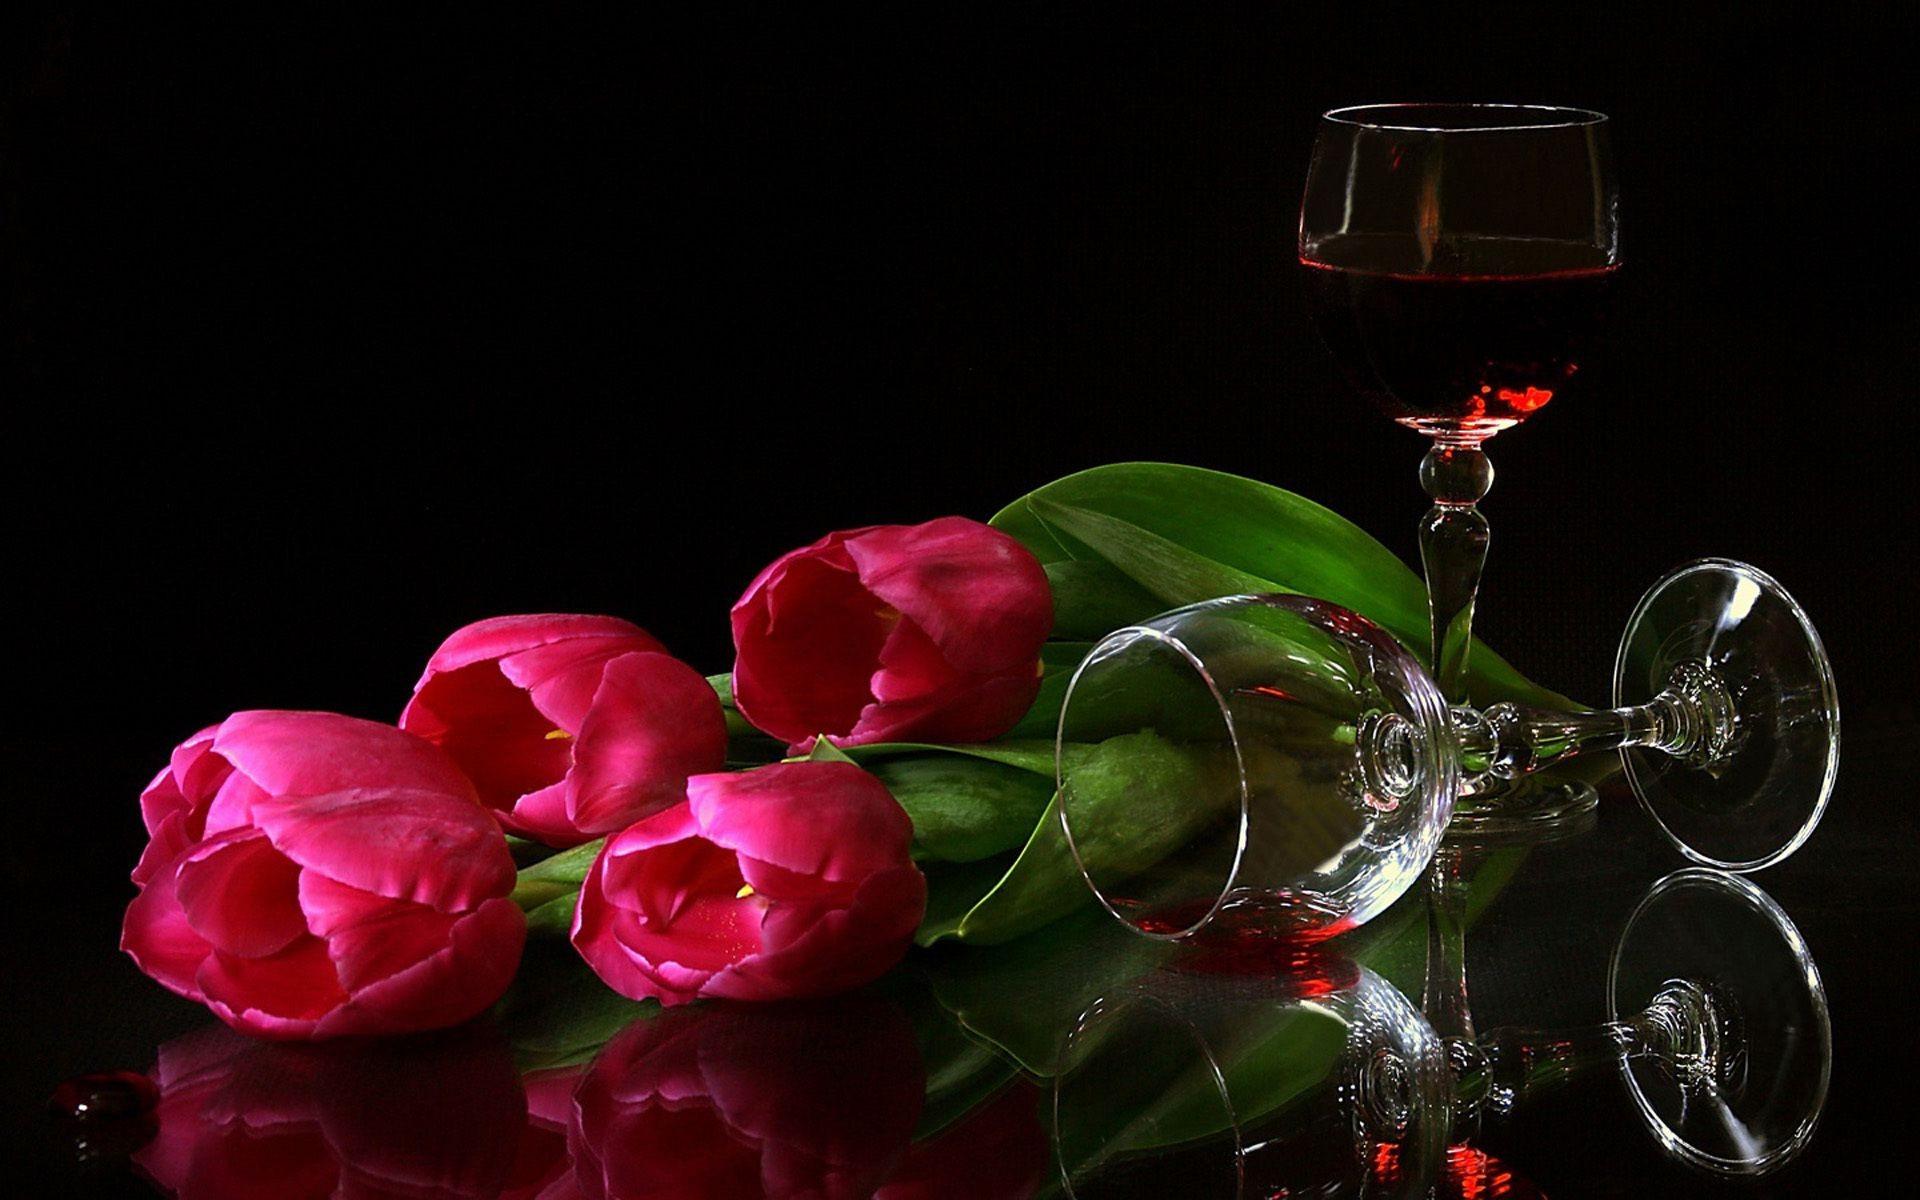 красивые широкоформатные обои на рабочий стол высокого качества цветы № 230376 бесплатно